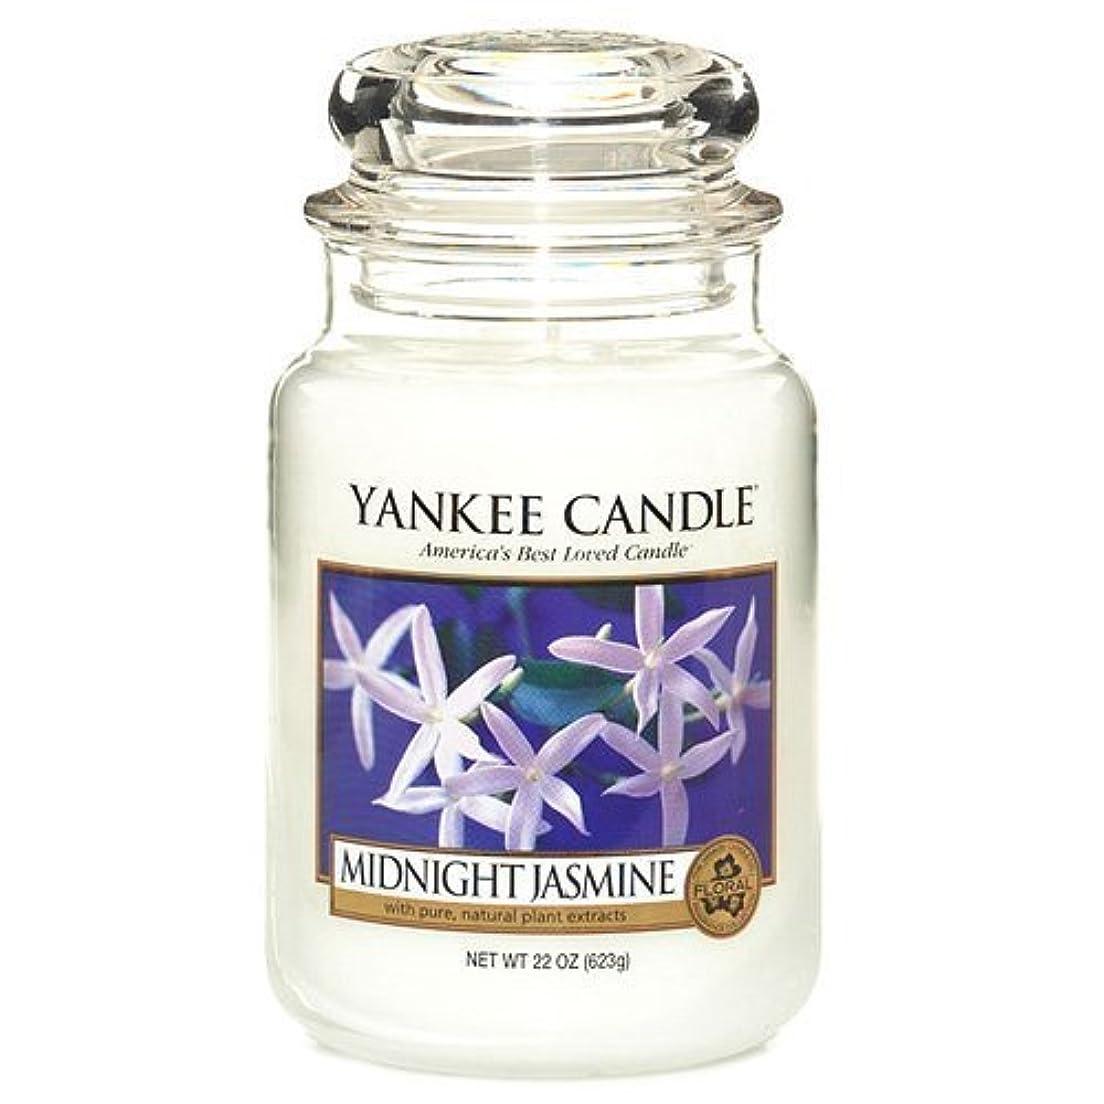 緩む登録パトロールYankee Candle Housewarmer Jar (Midnight Jasmine) - Large (22 oz) by Yankee Candle [並行輸入品]